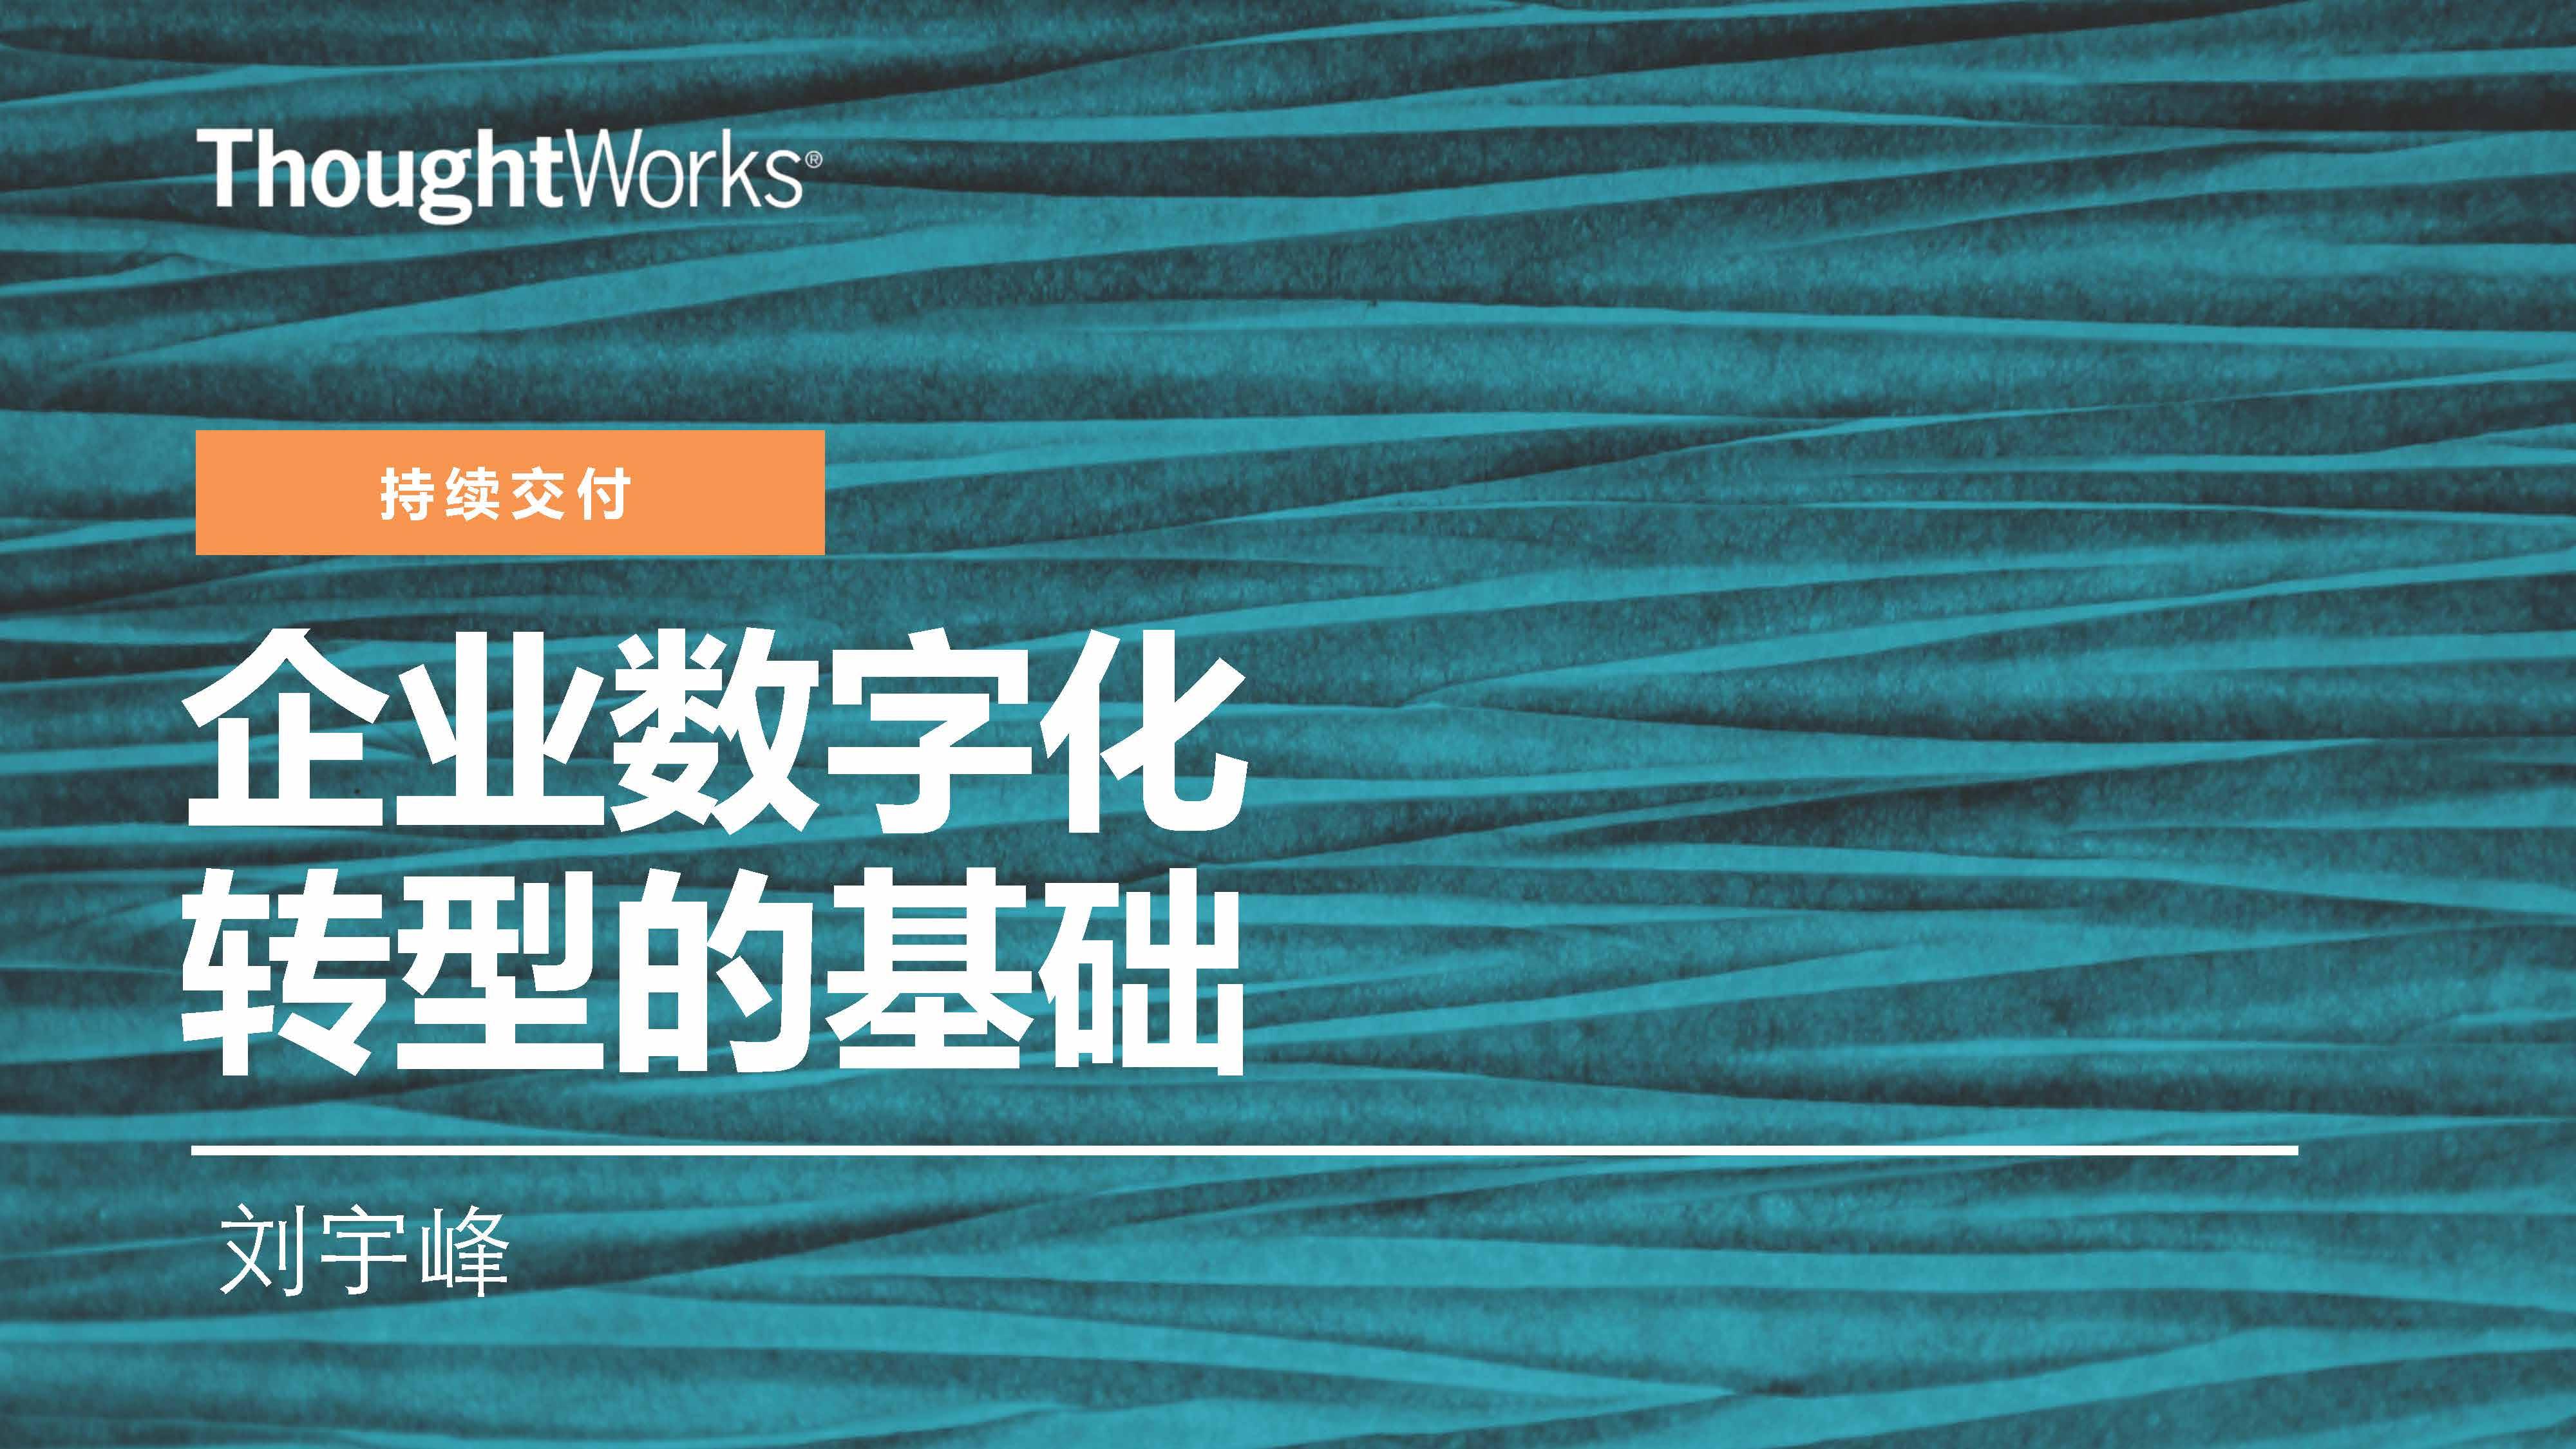 刘宇峰-数字化转型